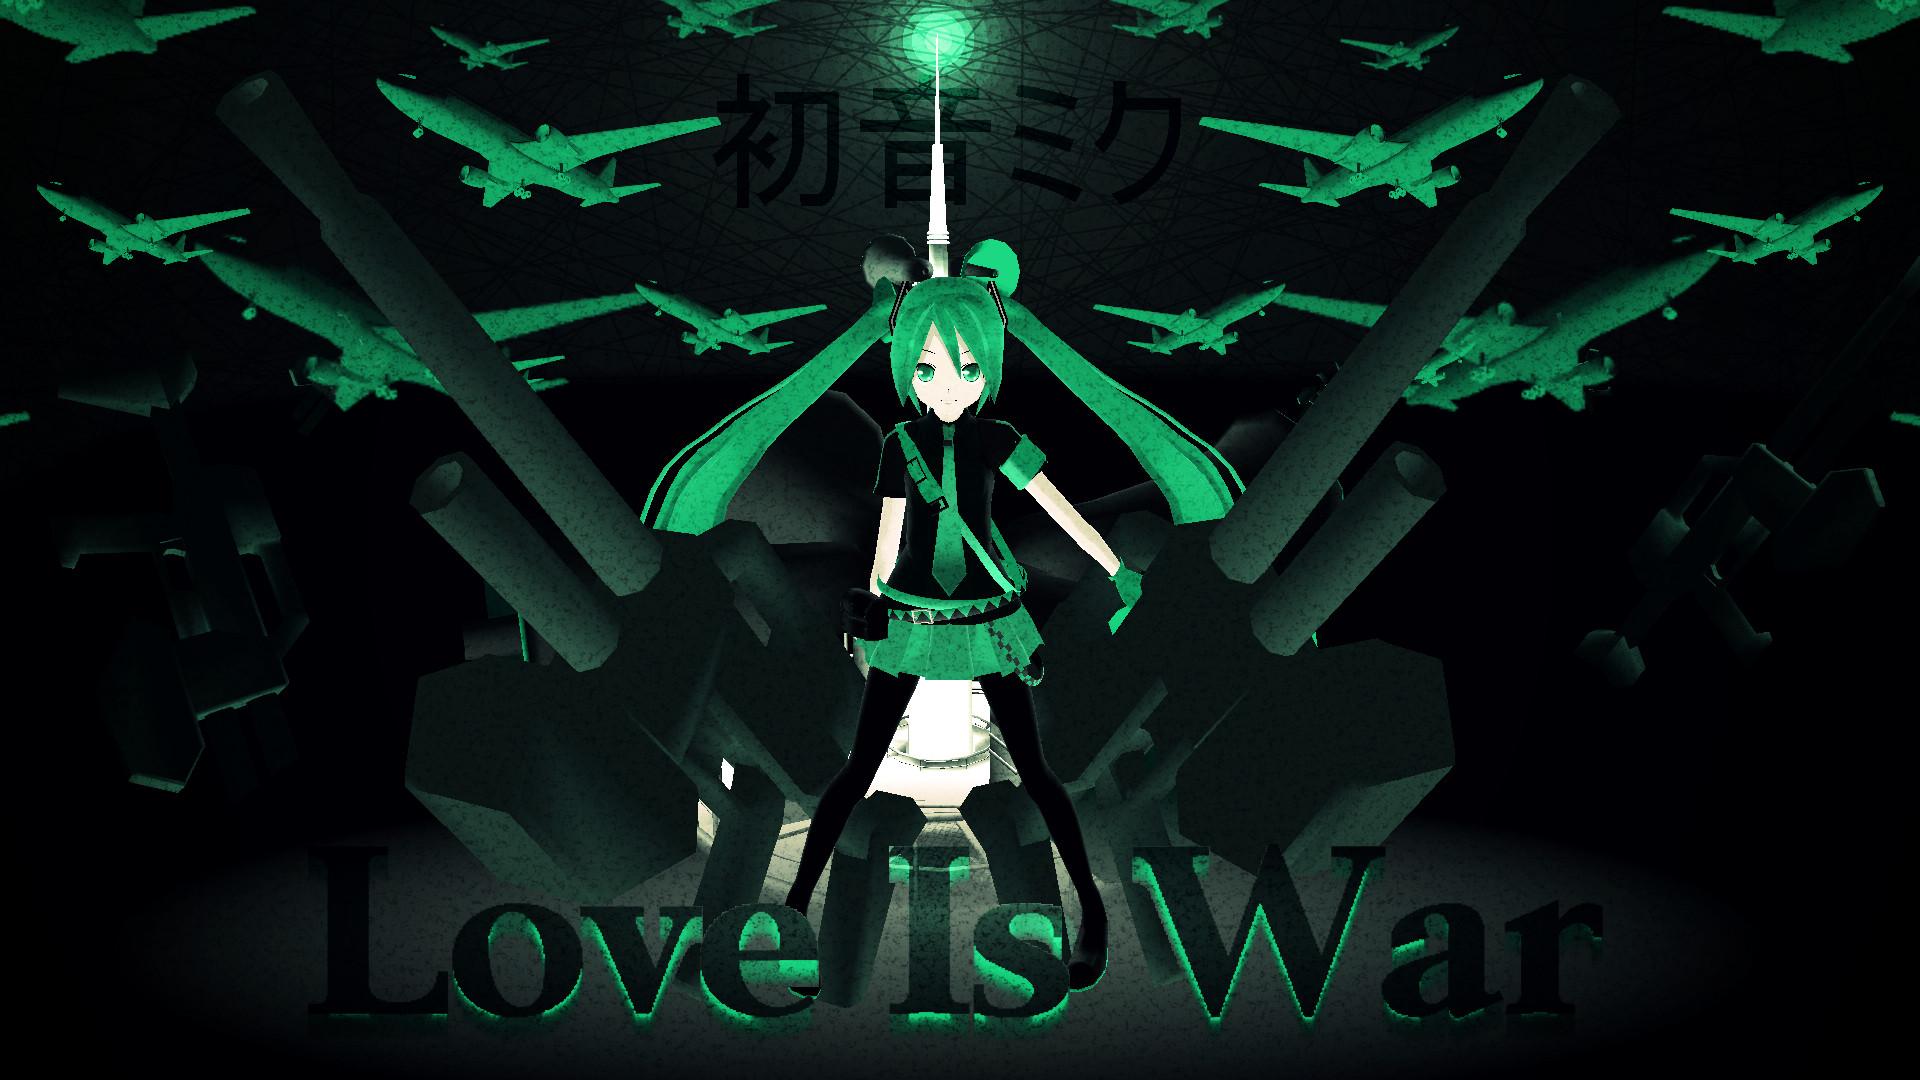 Love Is War Hatsune Miku By Emosoftwere On Deviantart